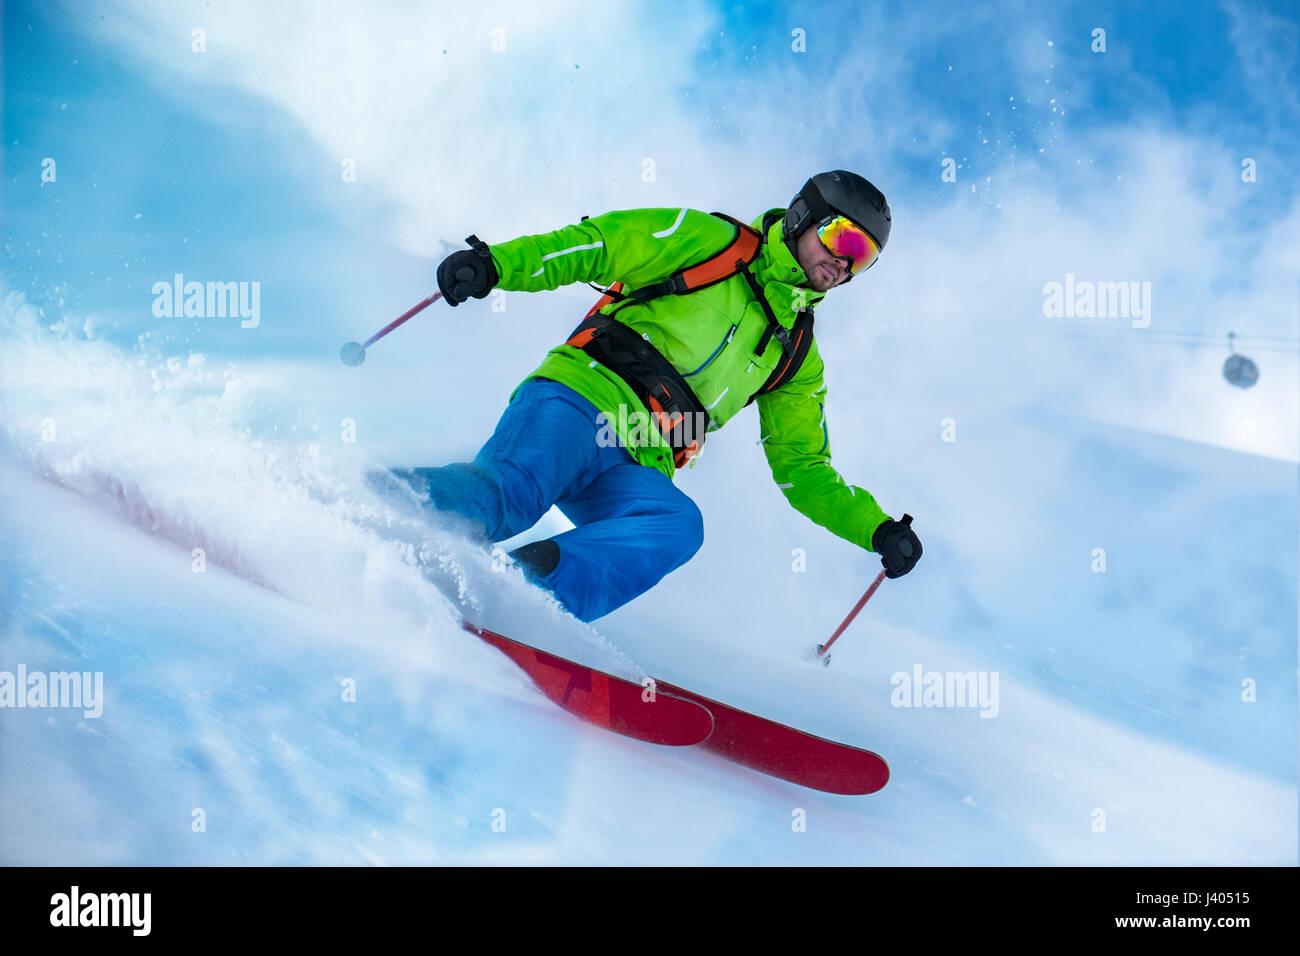 Impressionante fotografia de um colorido vestido freerider esqui a onda de neve. Imagens de Stock